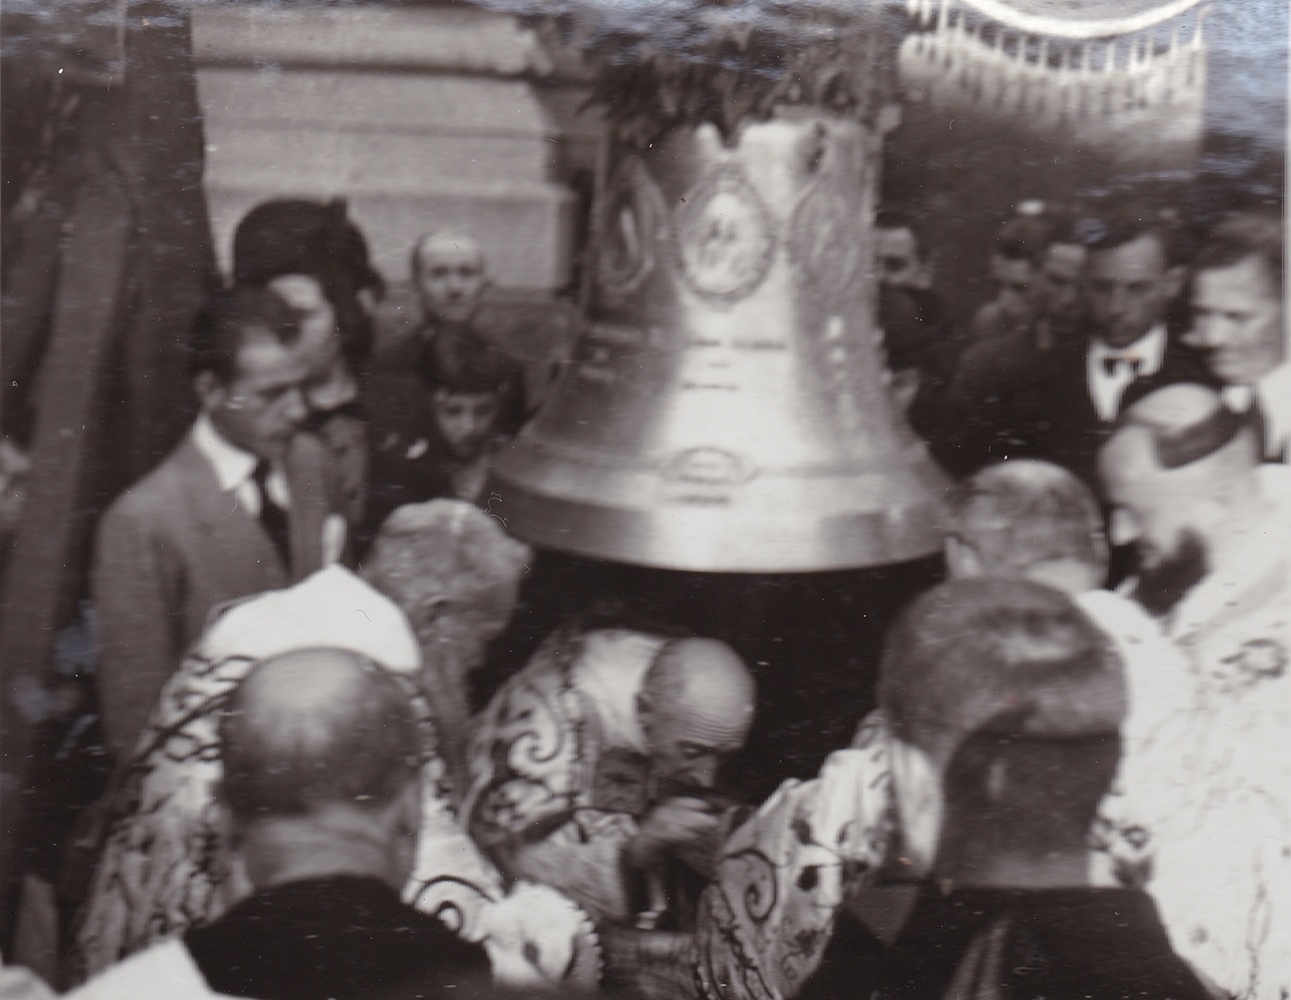 Milano, 5 aprile 1940: il Card. Ildefonso Schuster, arcivescovo di Milano, consacra le campane